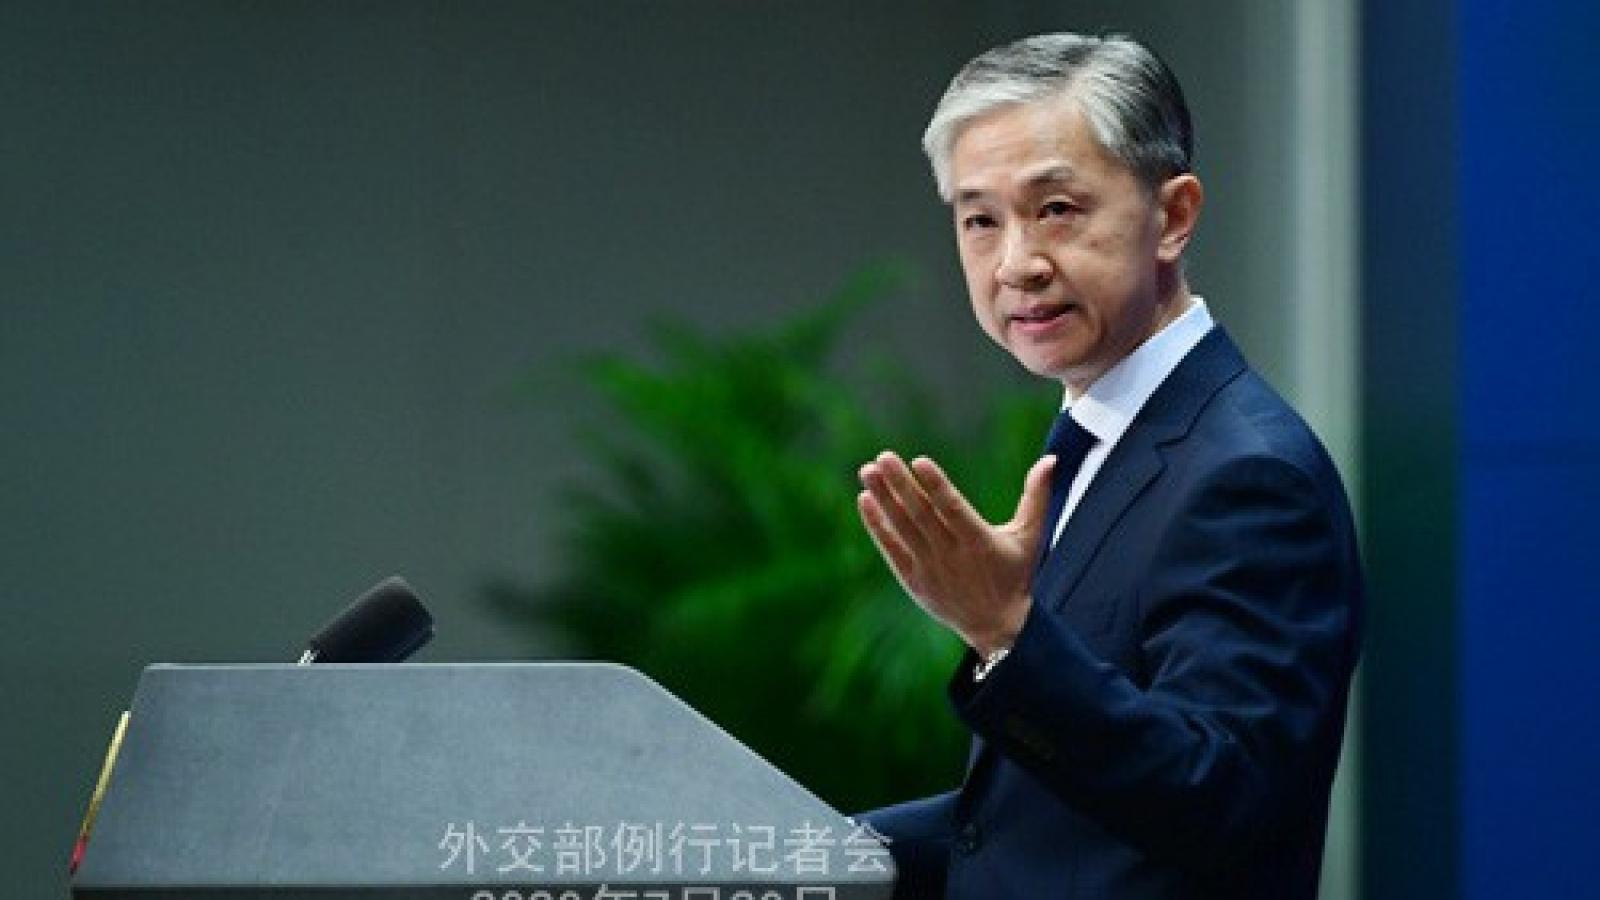 Trung Quốc hoan nghênh Liên Hợp Quốc thông qua Nghị quyết về vaccine ngừa Covid-19